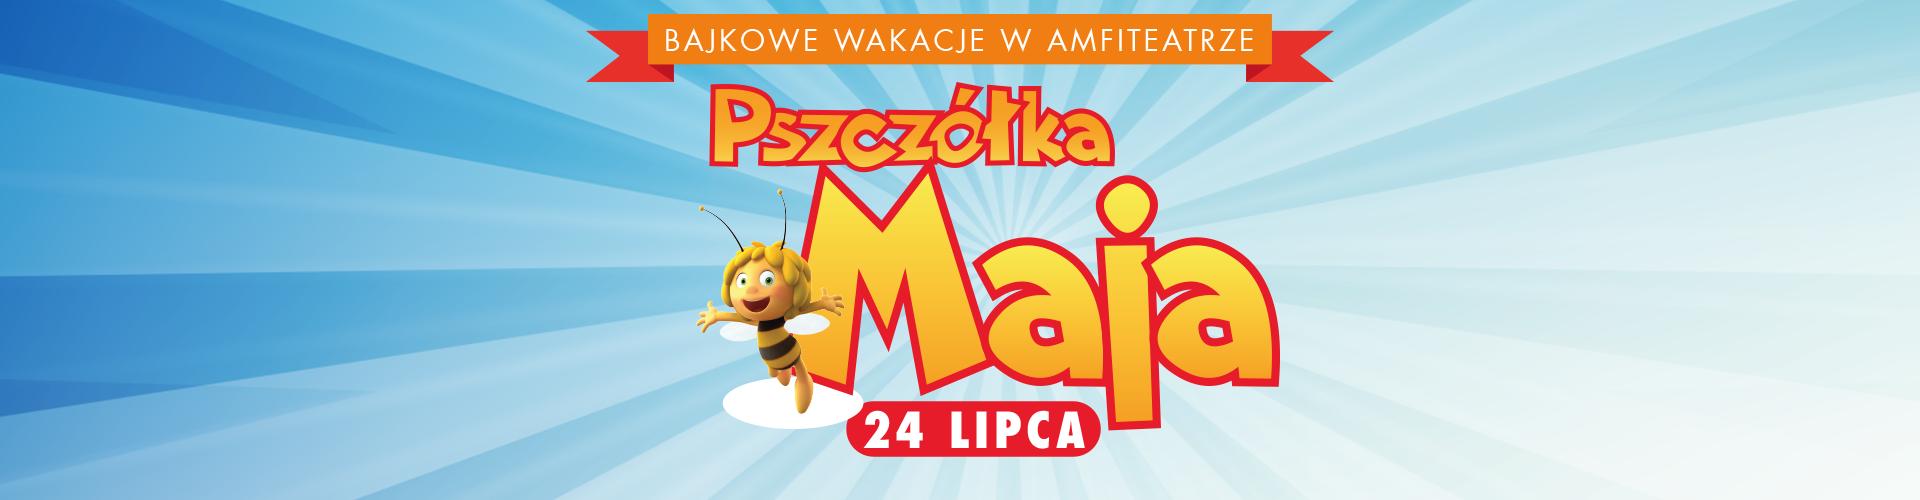 slide_bajka_maja2016